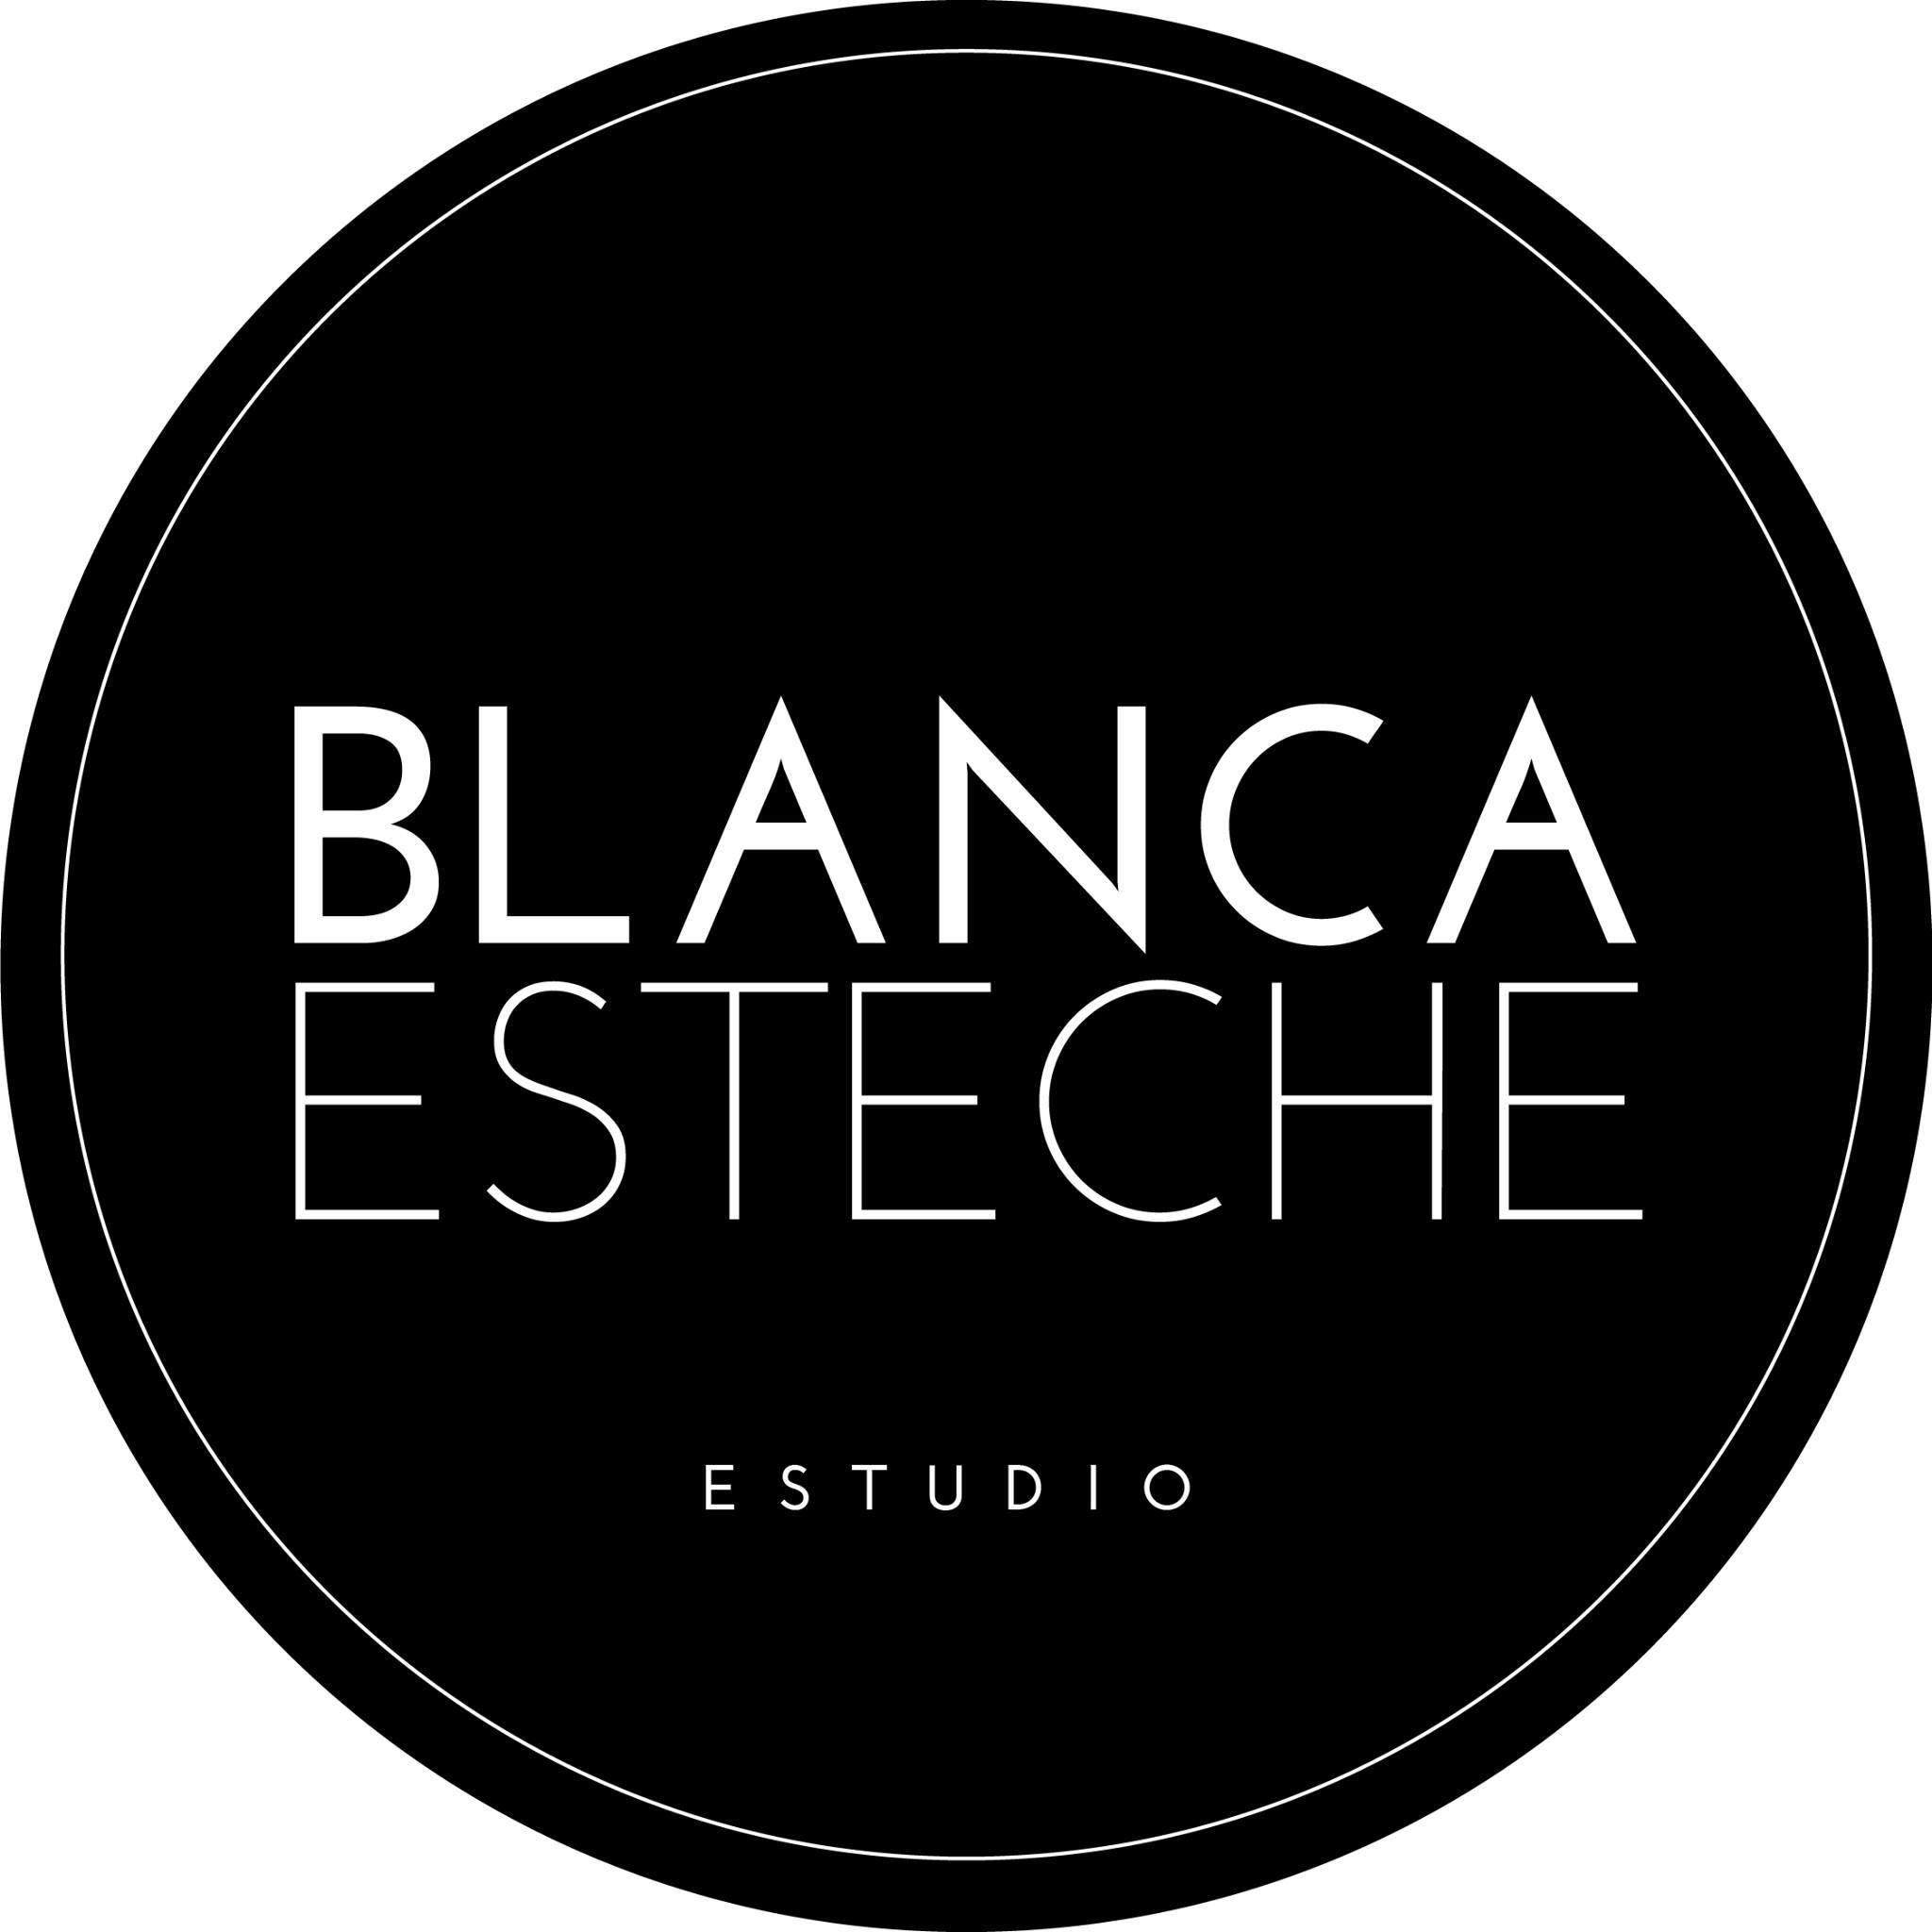 Blanca Esteche - Las Cañitas